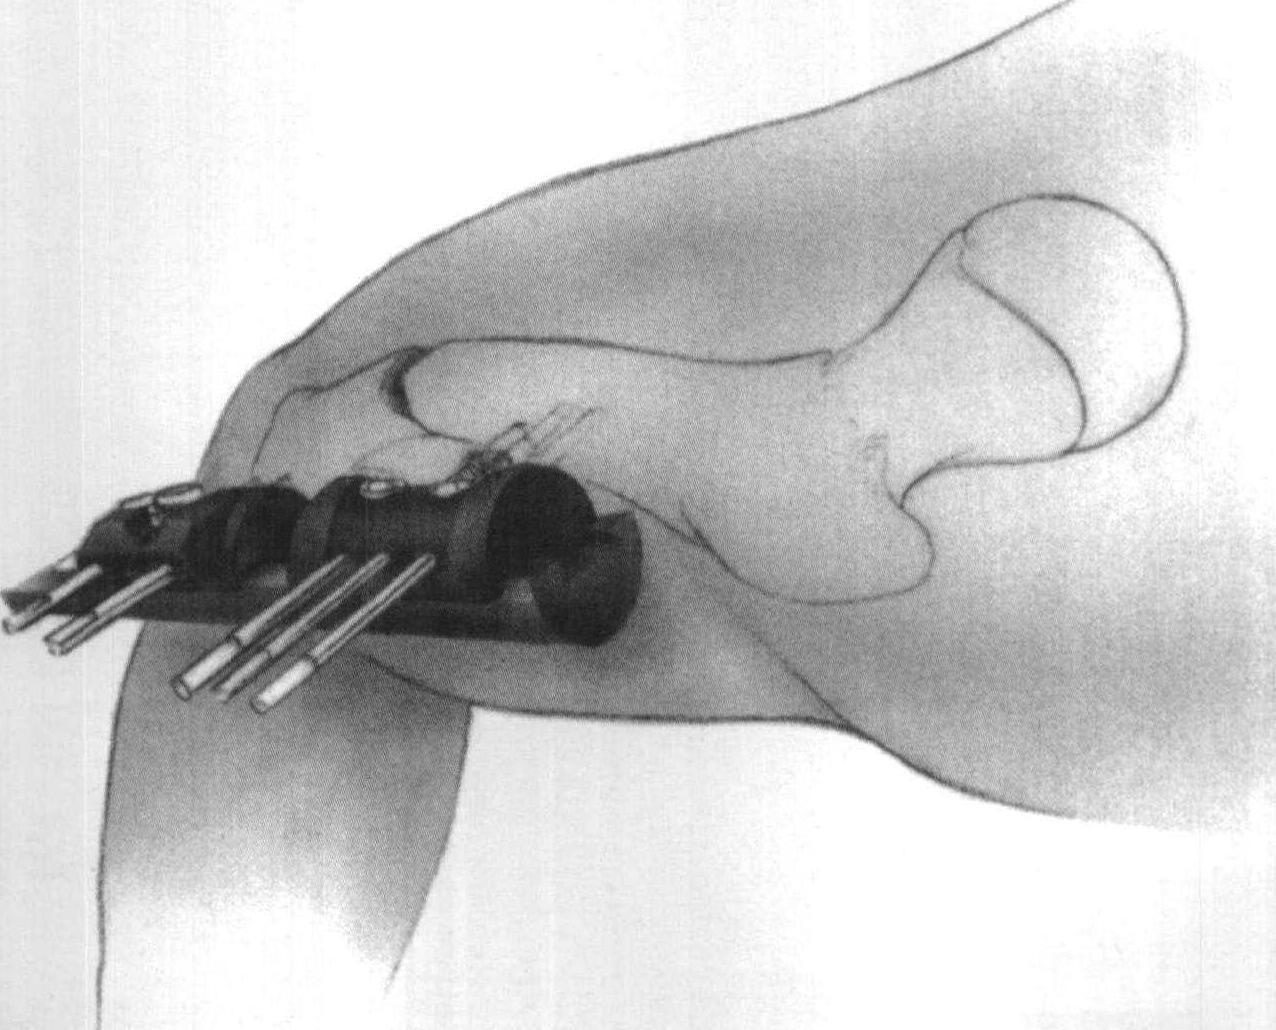 ofix万能外固定架矫正股骨短缩 旋转和成角畸形